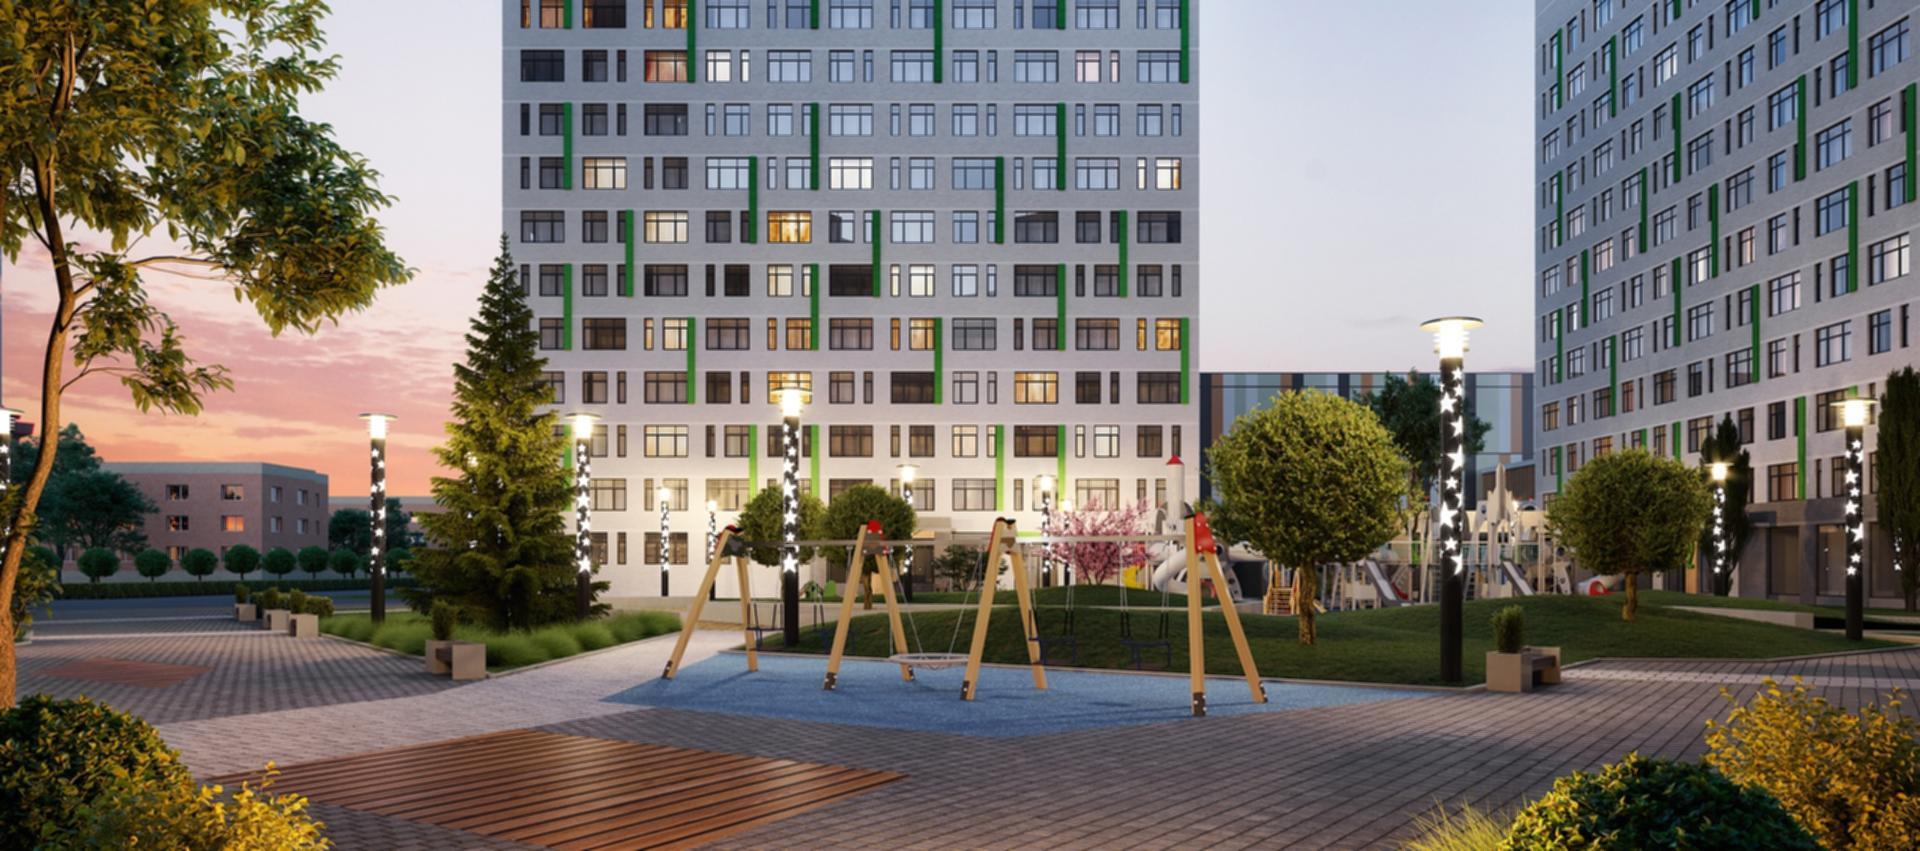 Скидка в размере 400 000 рублей на новую квартиру!